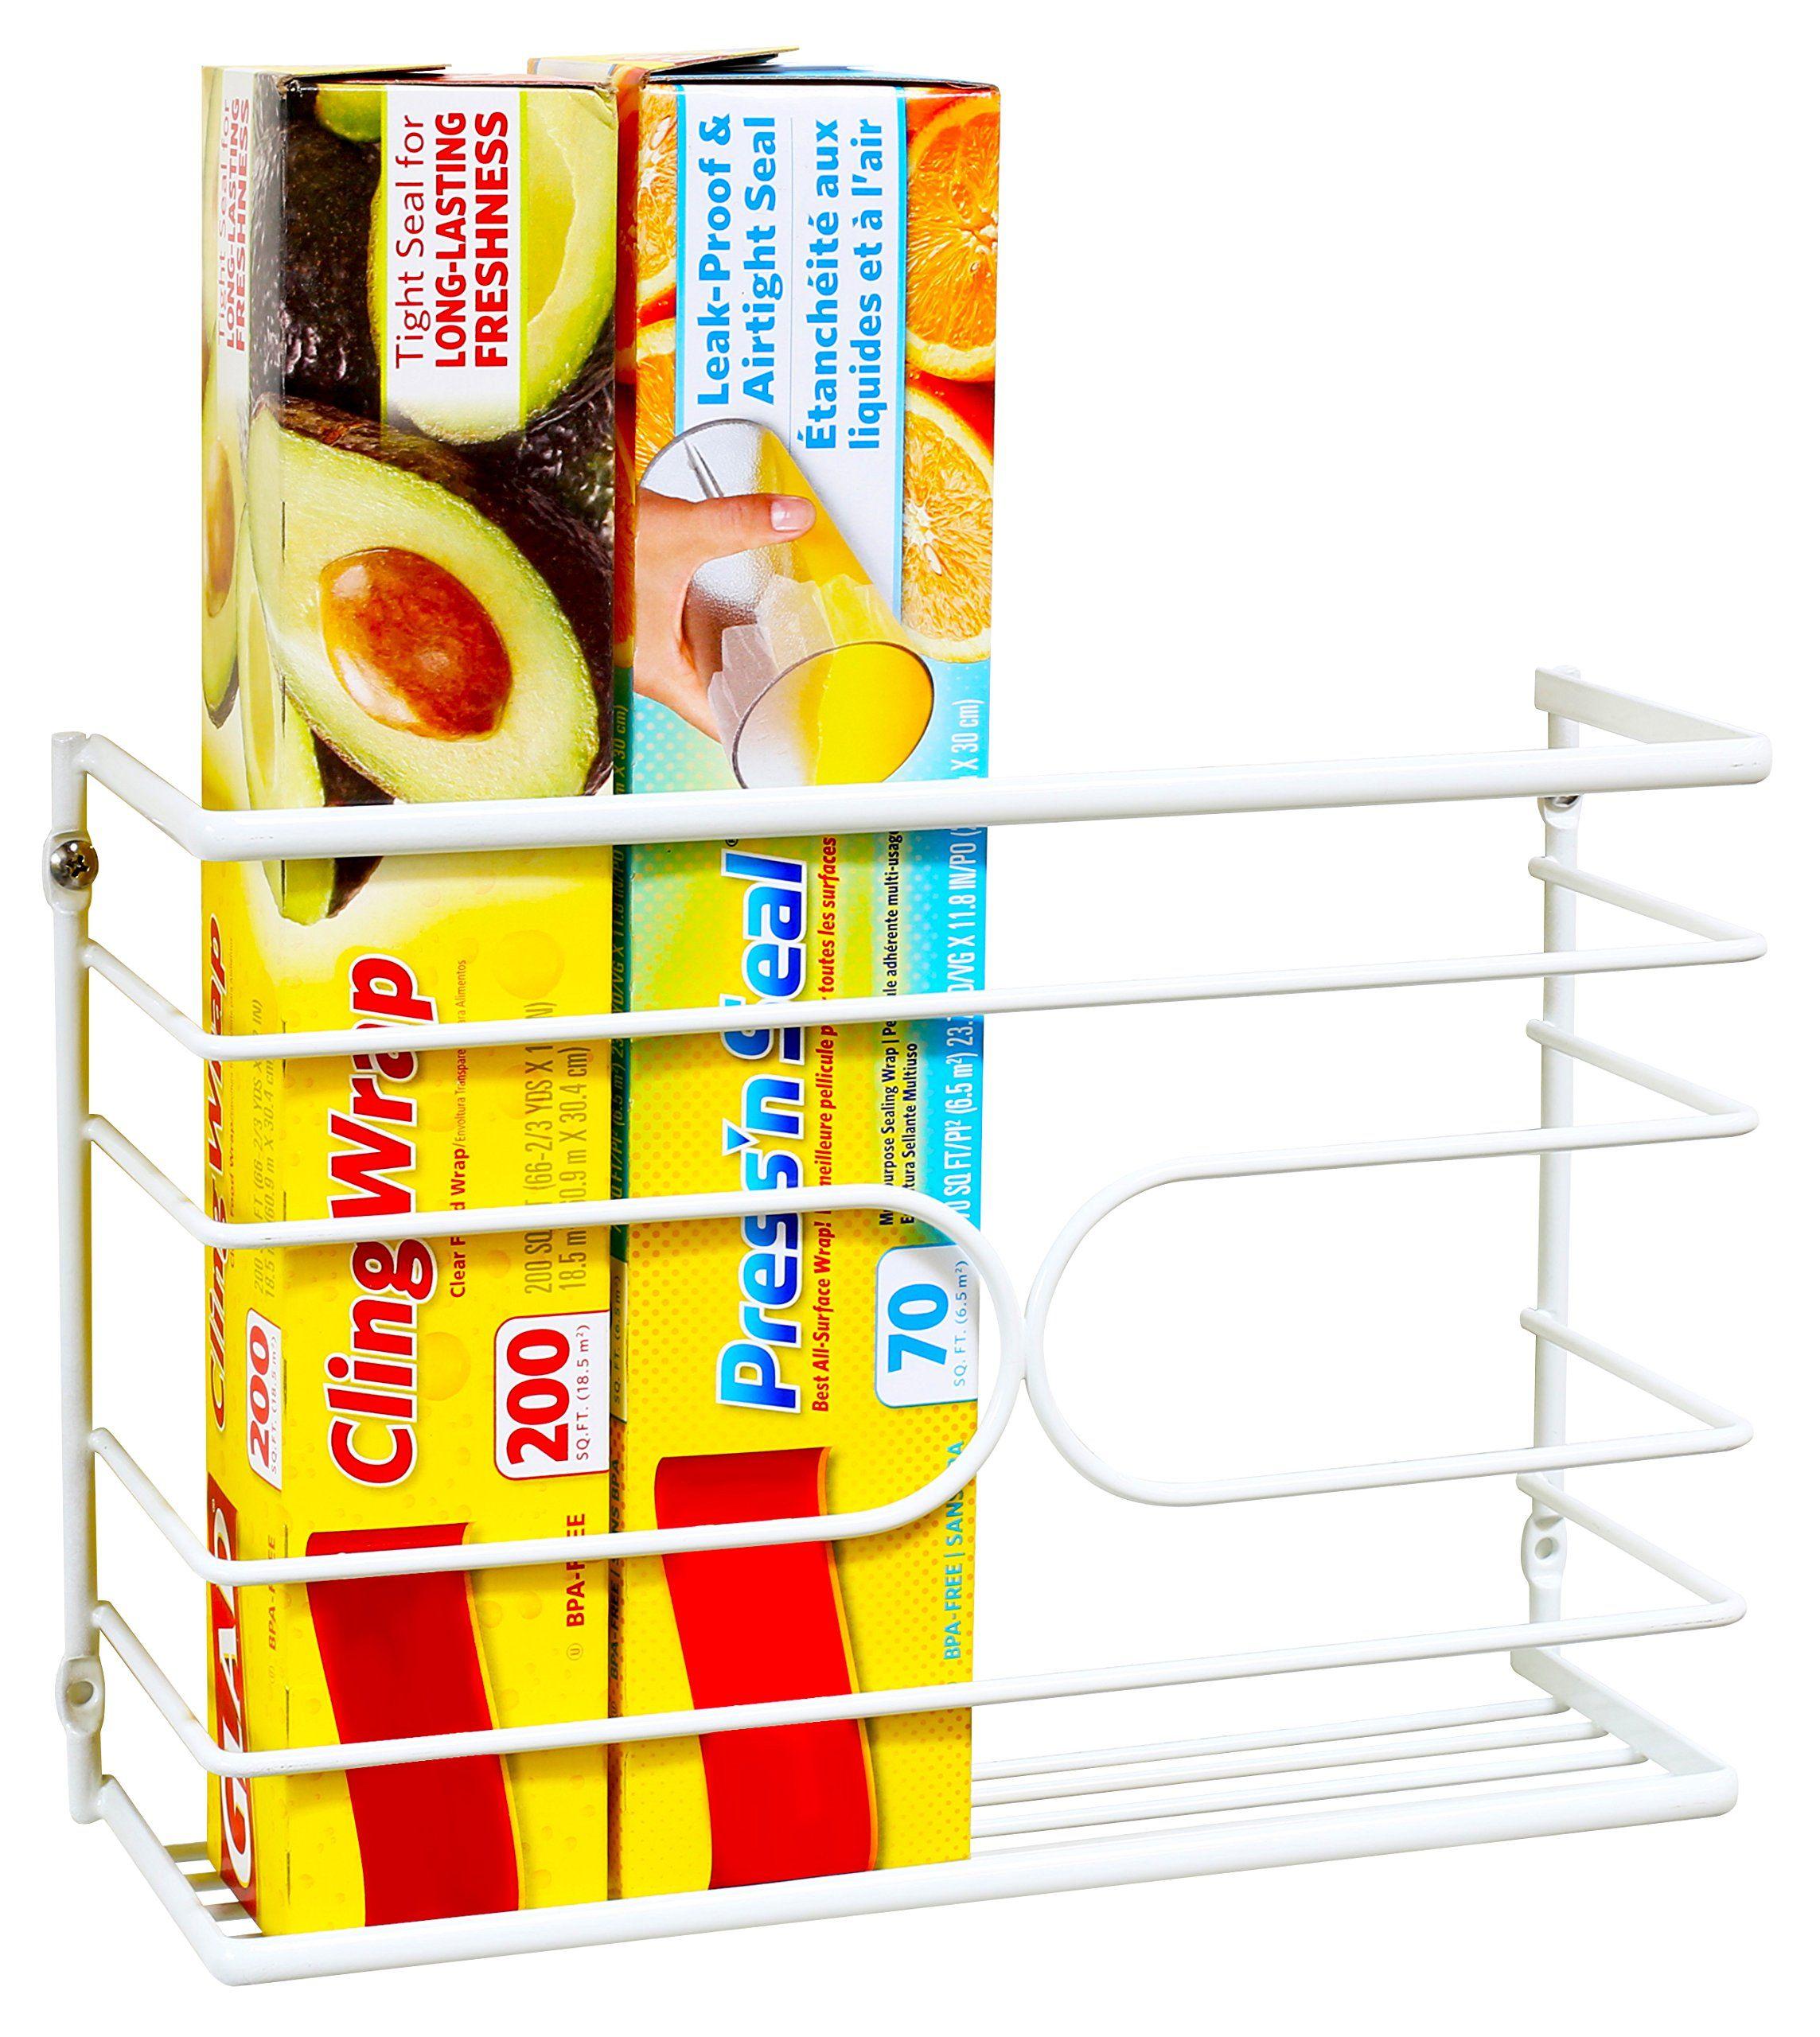 Fein Kleine Küche Rack Galerie - Küche Set Ideen - deriherusweets.info